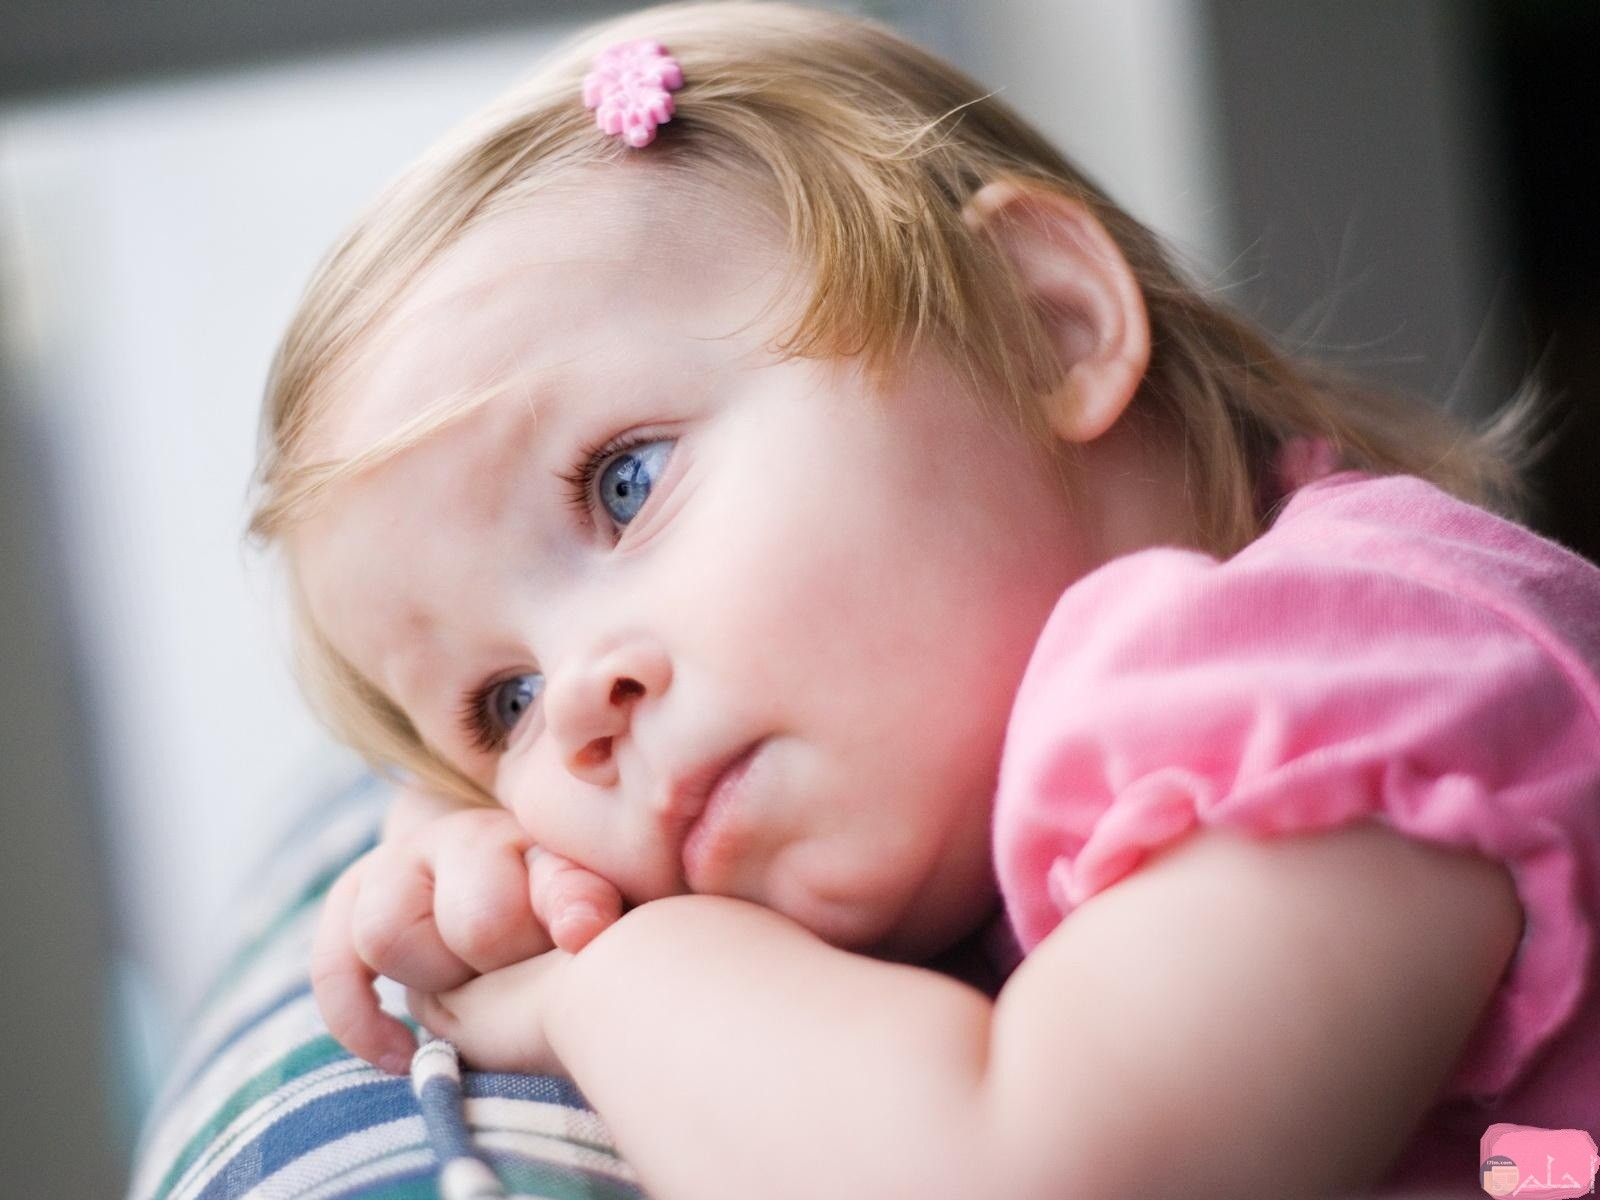 بنوتة تنتظر وصول أباها الحبيب.